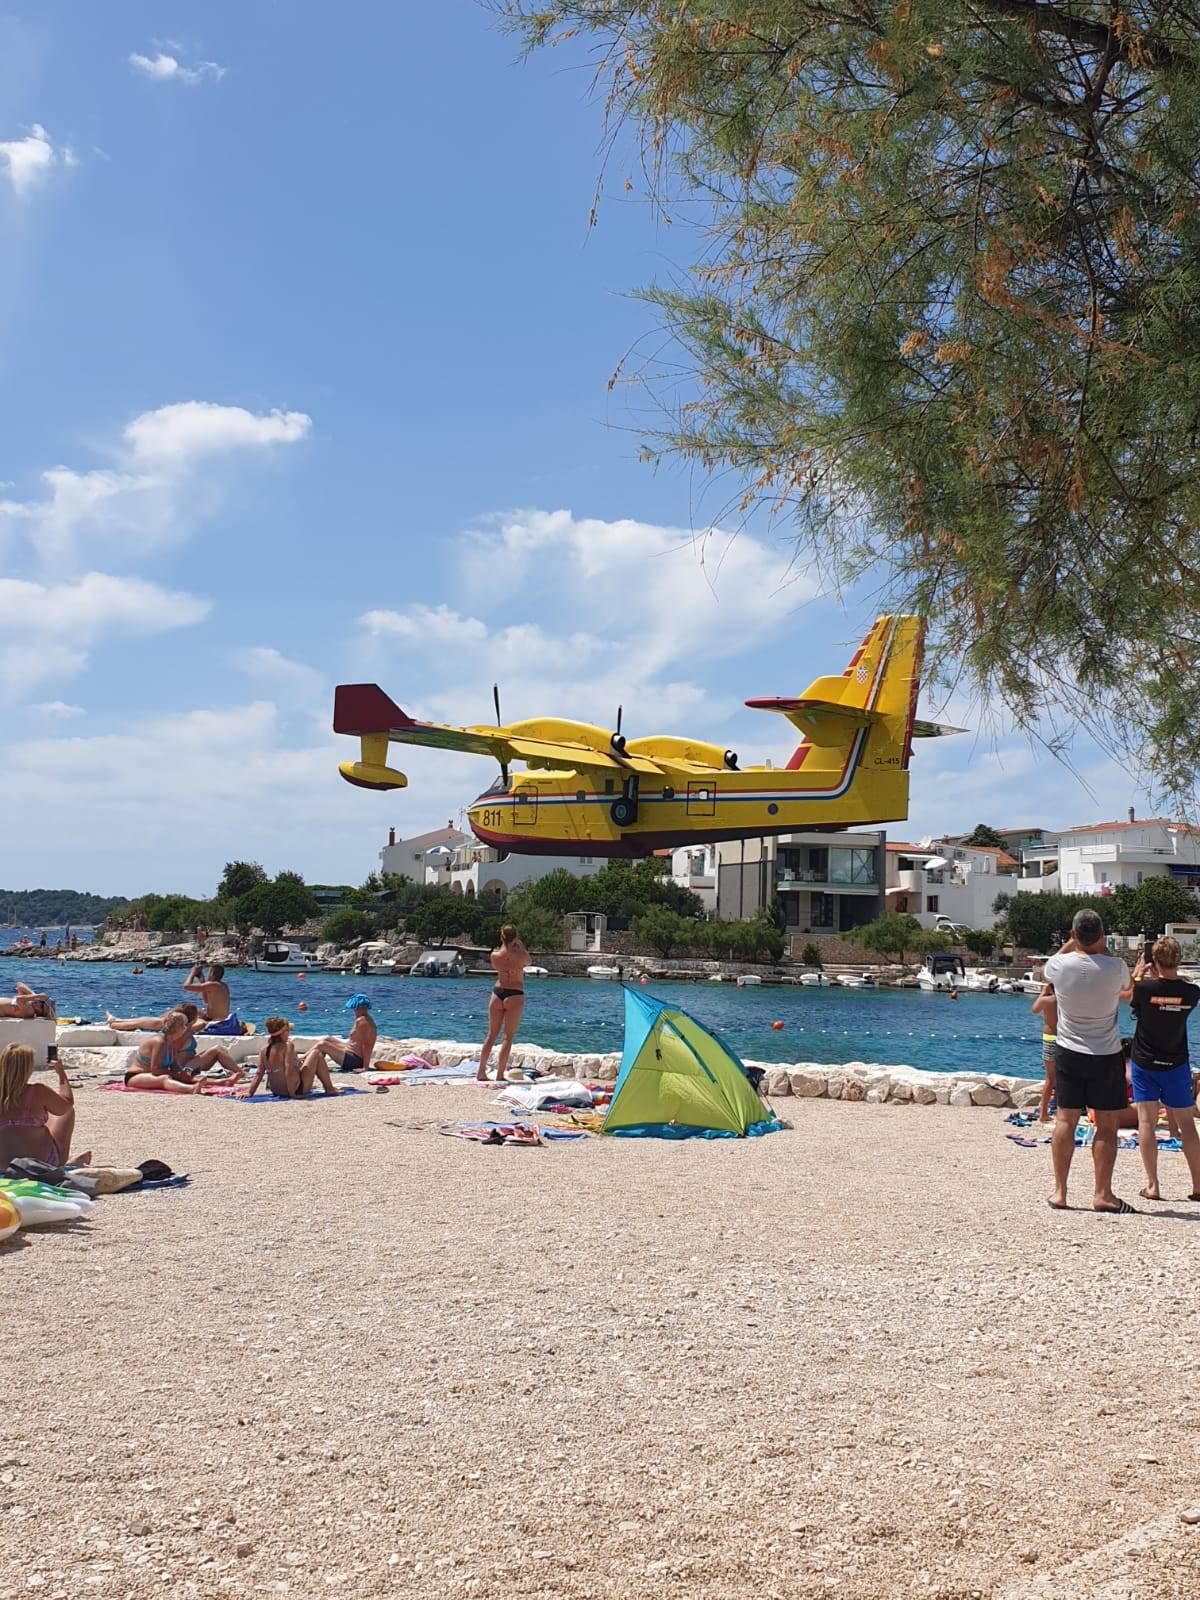 Kanader u niskom letu: 'Svi na plaži su skočili kad je prošao...'